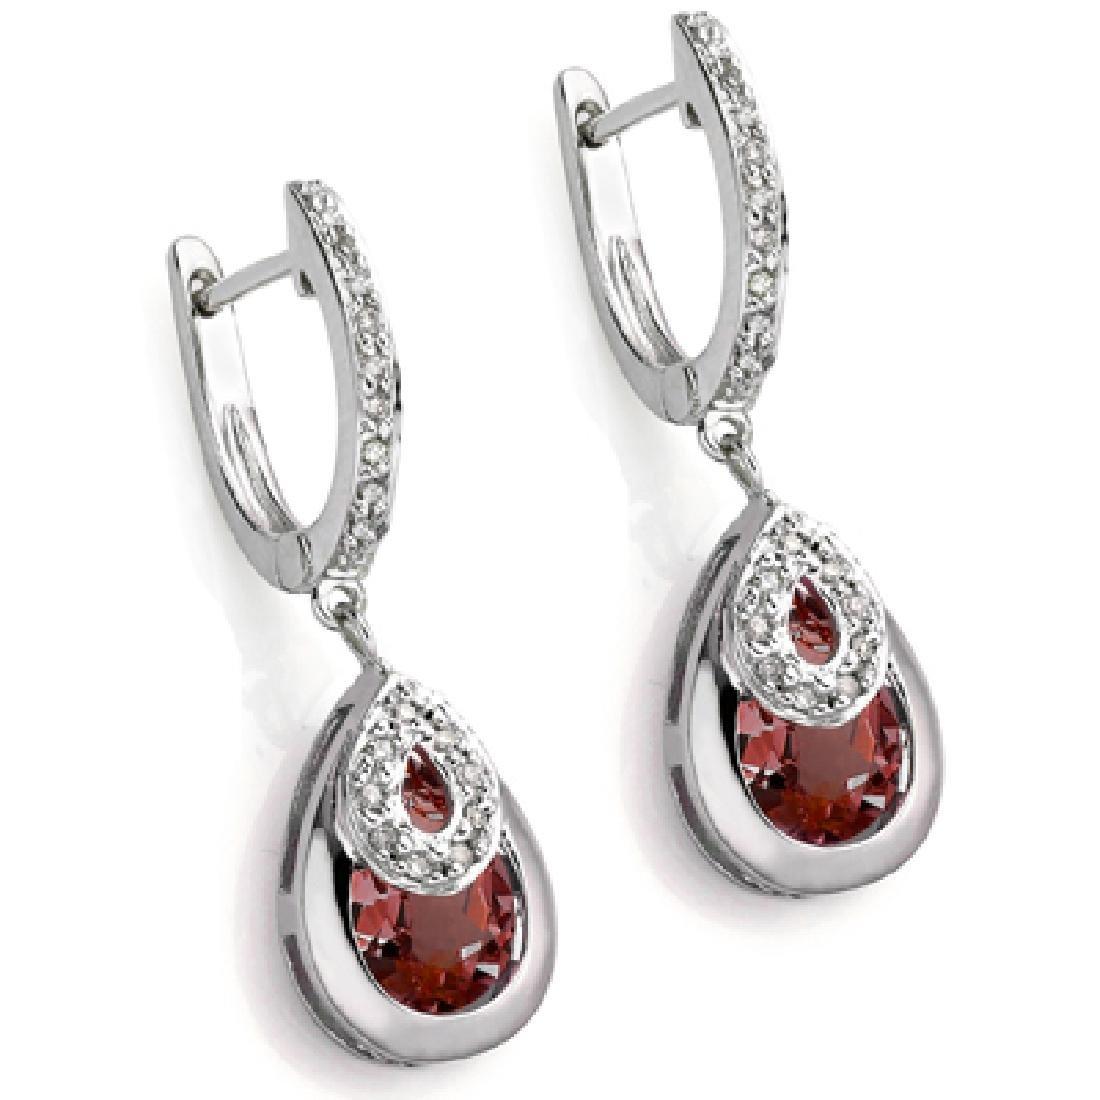 Garnet and Diamond Dangle Earrings in Sterling Silver